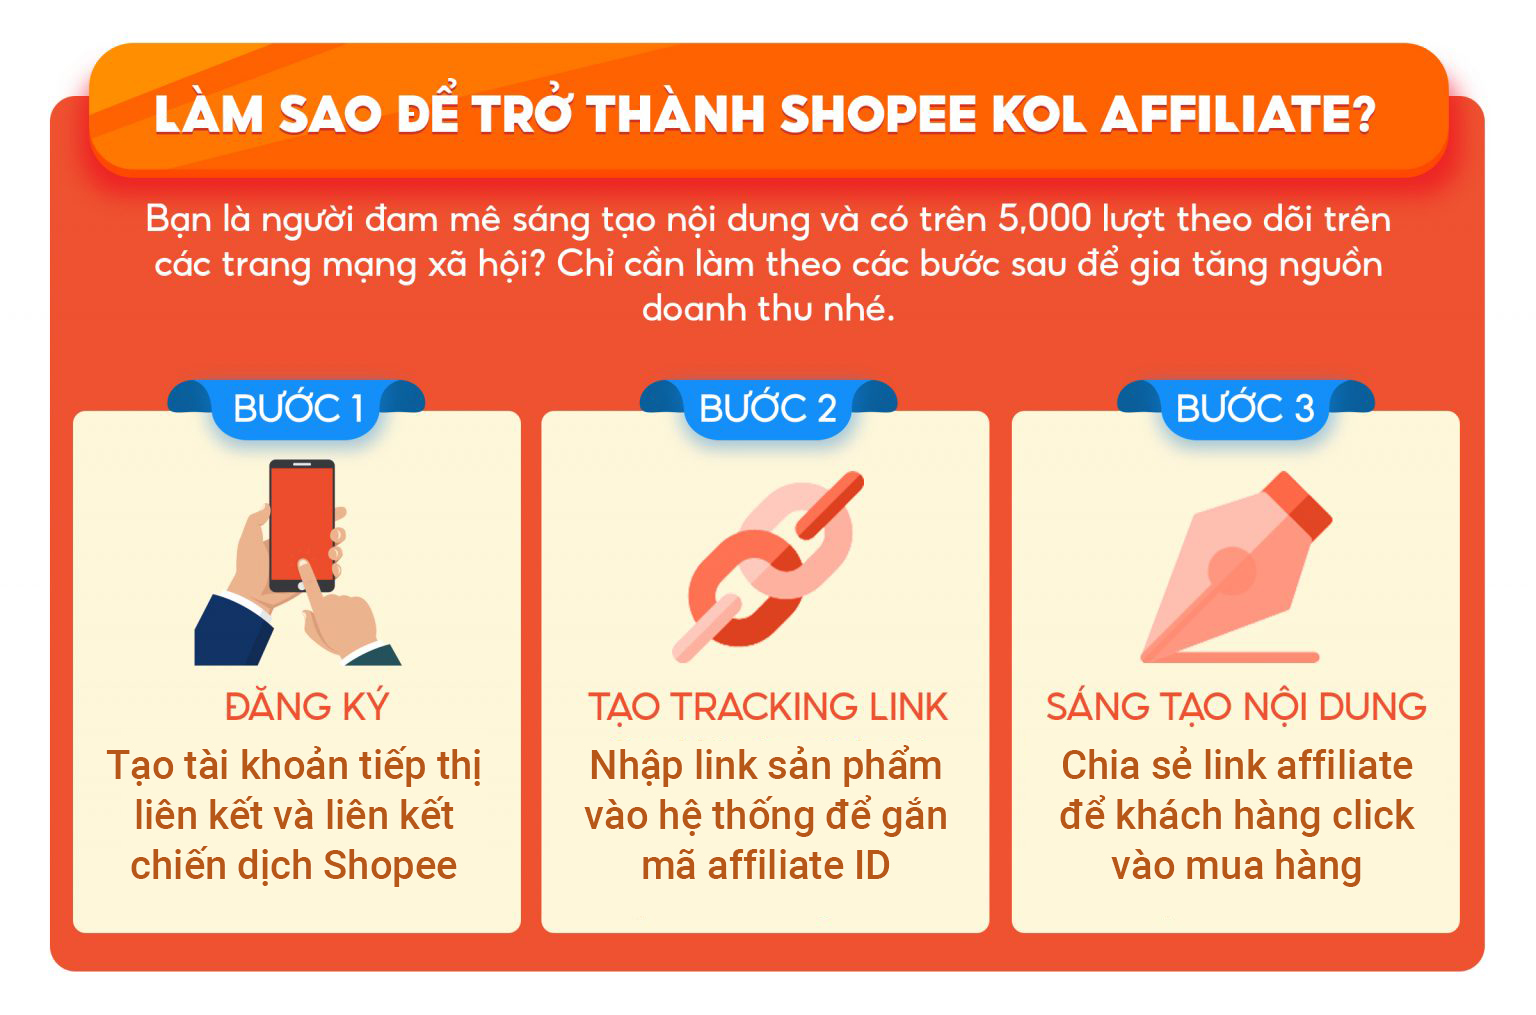 Cách để trở thành nhà tiếp thị liên kết Shopee